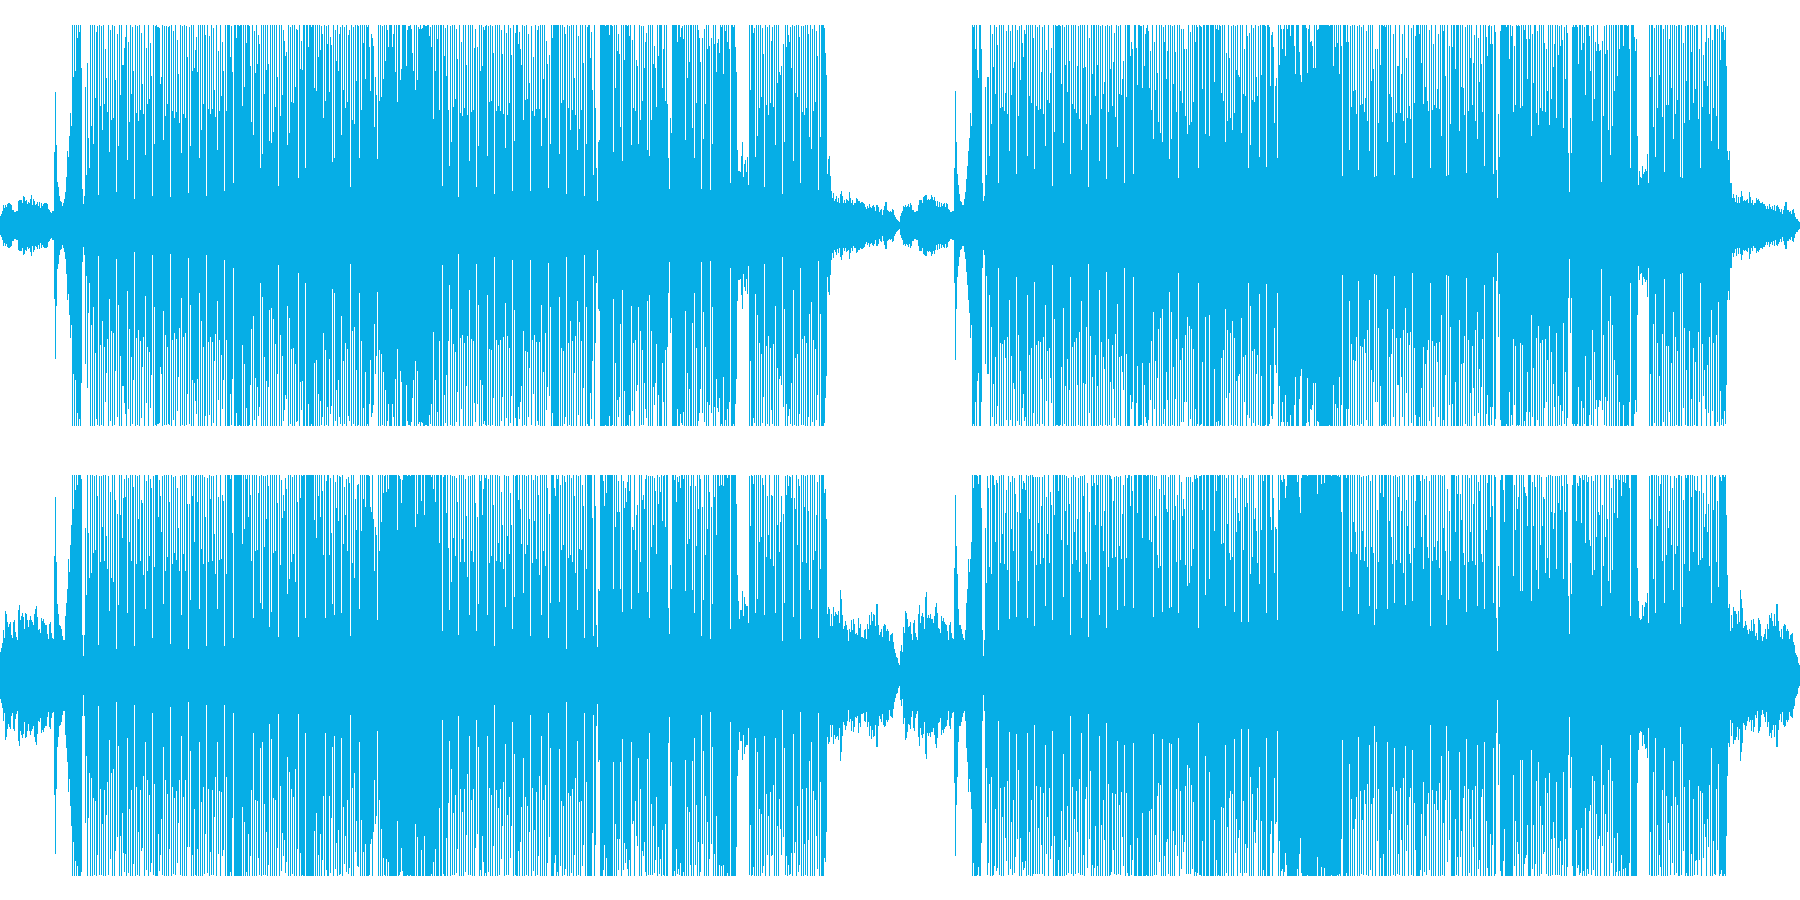 ポップで可愛いハロウィンをイメージした曲の再生済みの波形